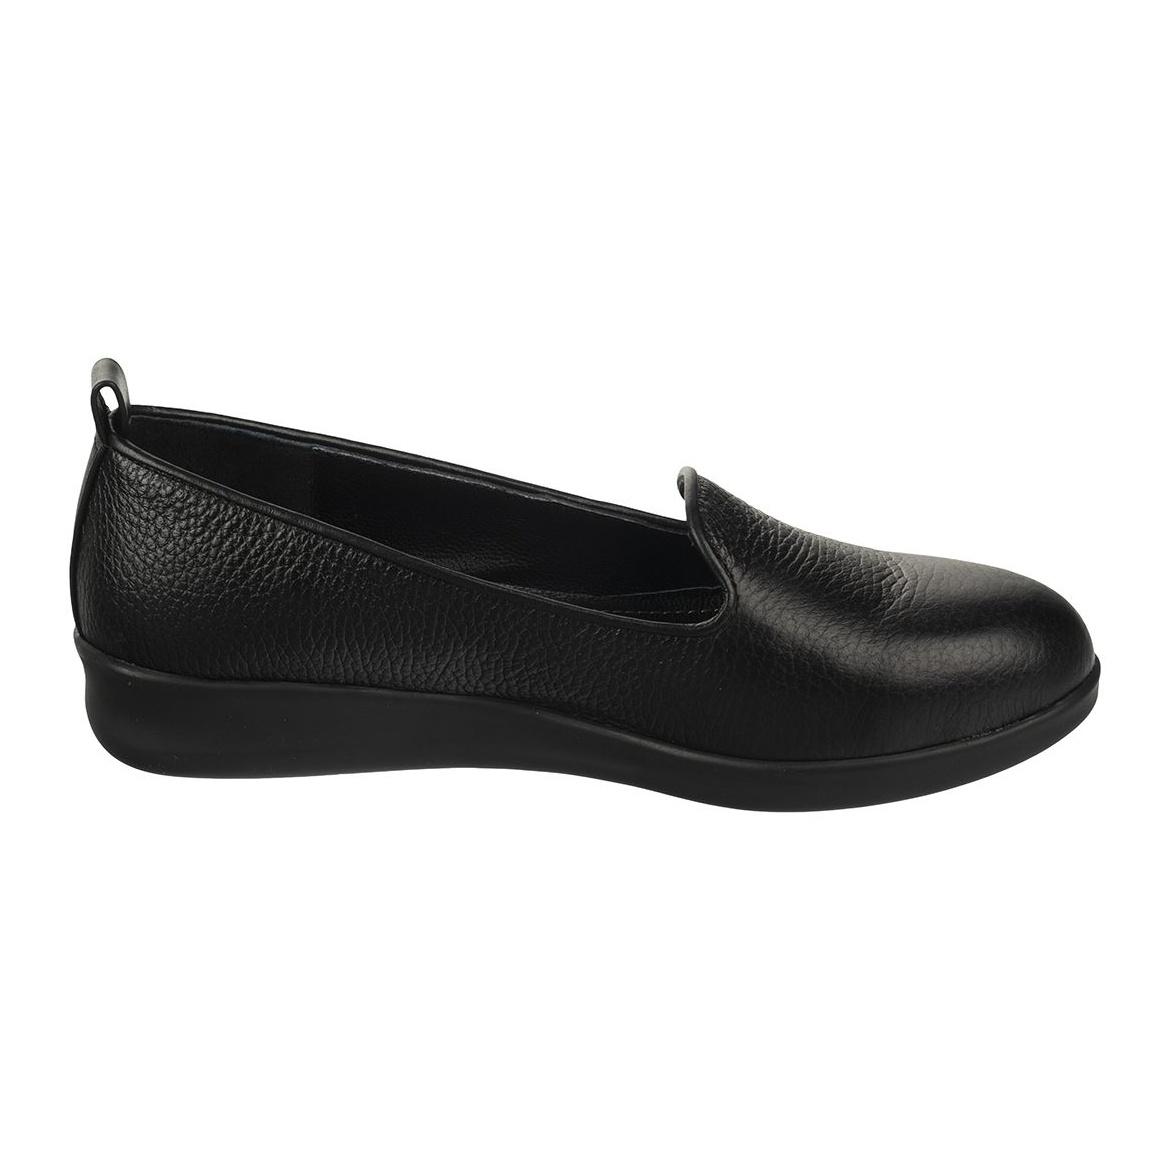 کفش زنانه چرم یاس مدل 153 main 1 4